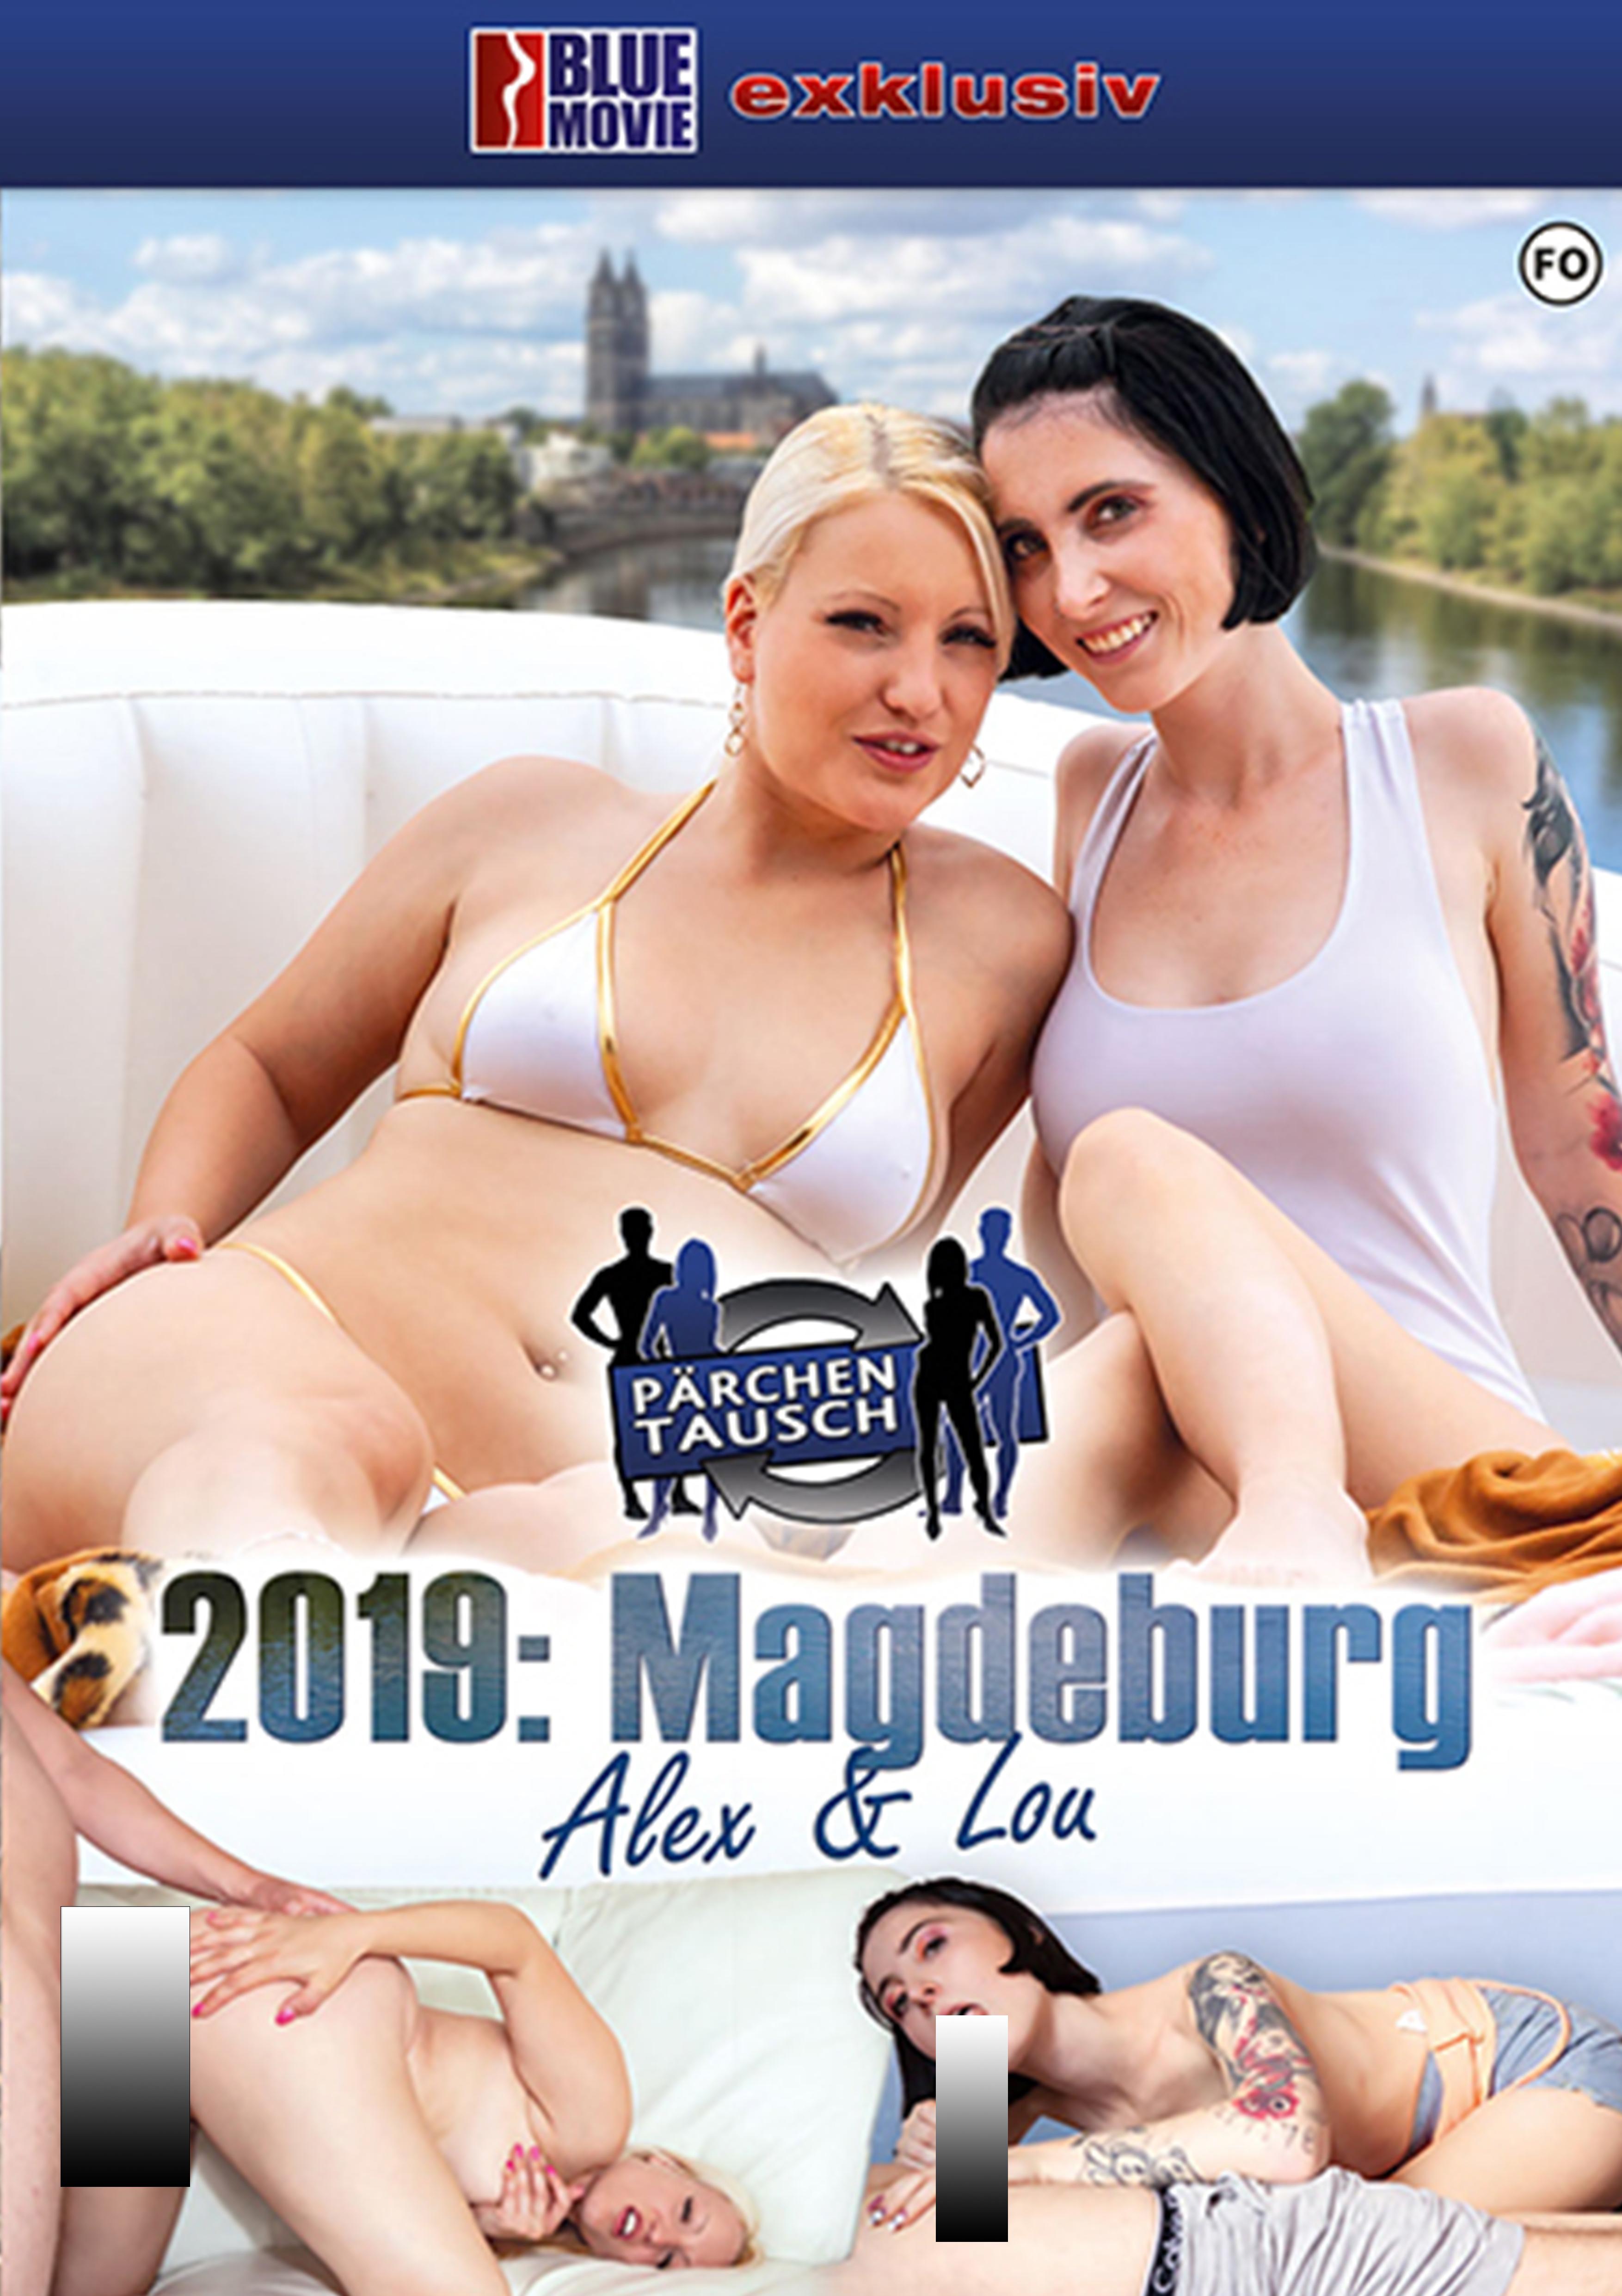 2019:Magdeburg Alex & Lou